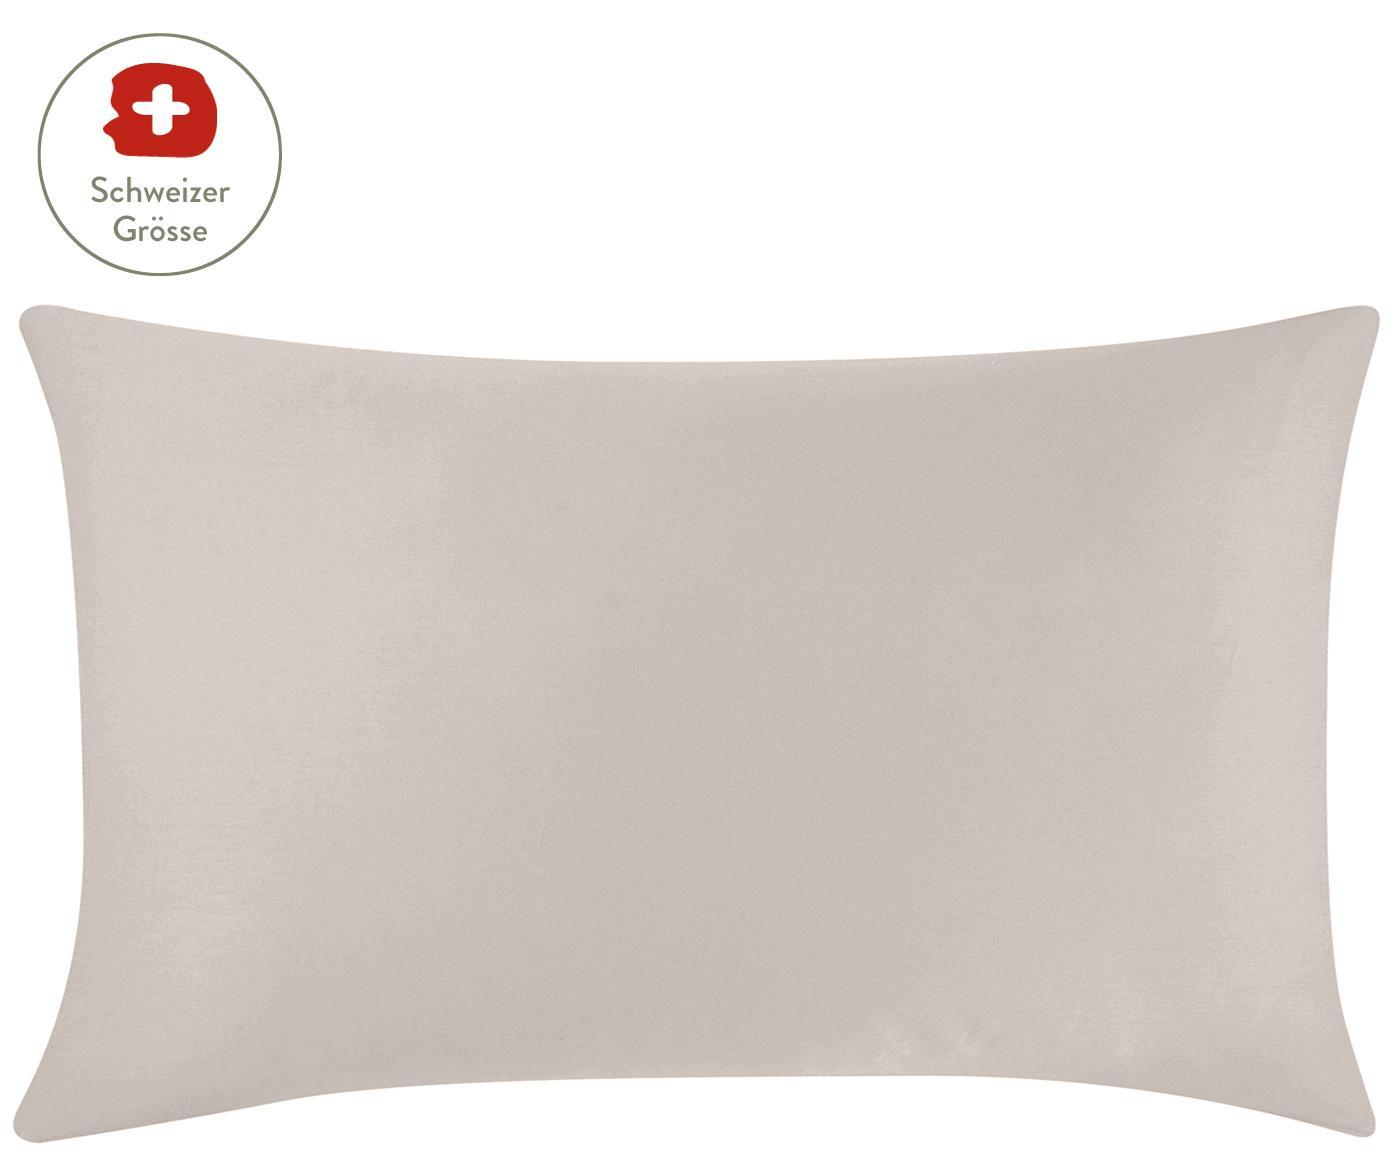 Baumwollsatin-Kissenbezug Comfort in Taupe, Webart: Satin, leicht glänzend Fa, Taupe, 65 x 100 cm